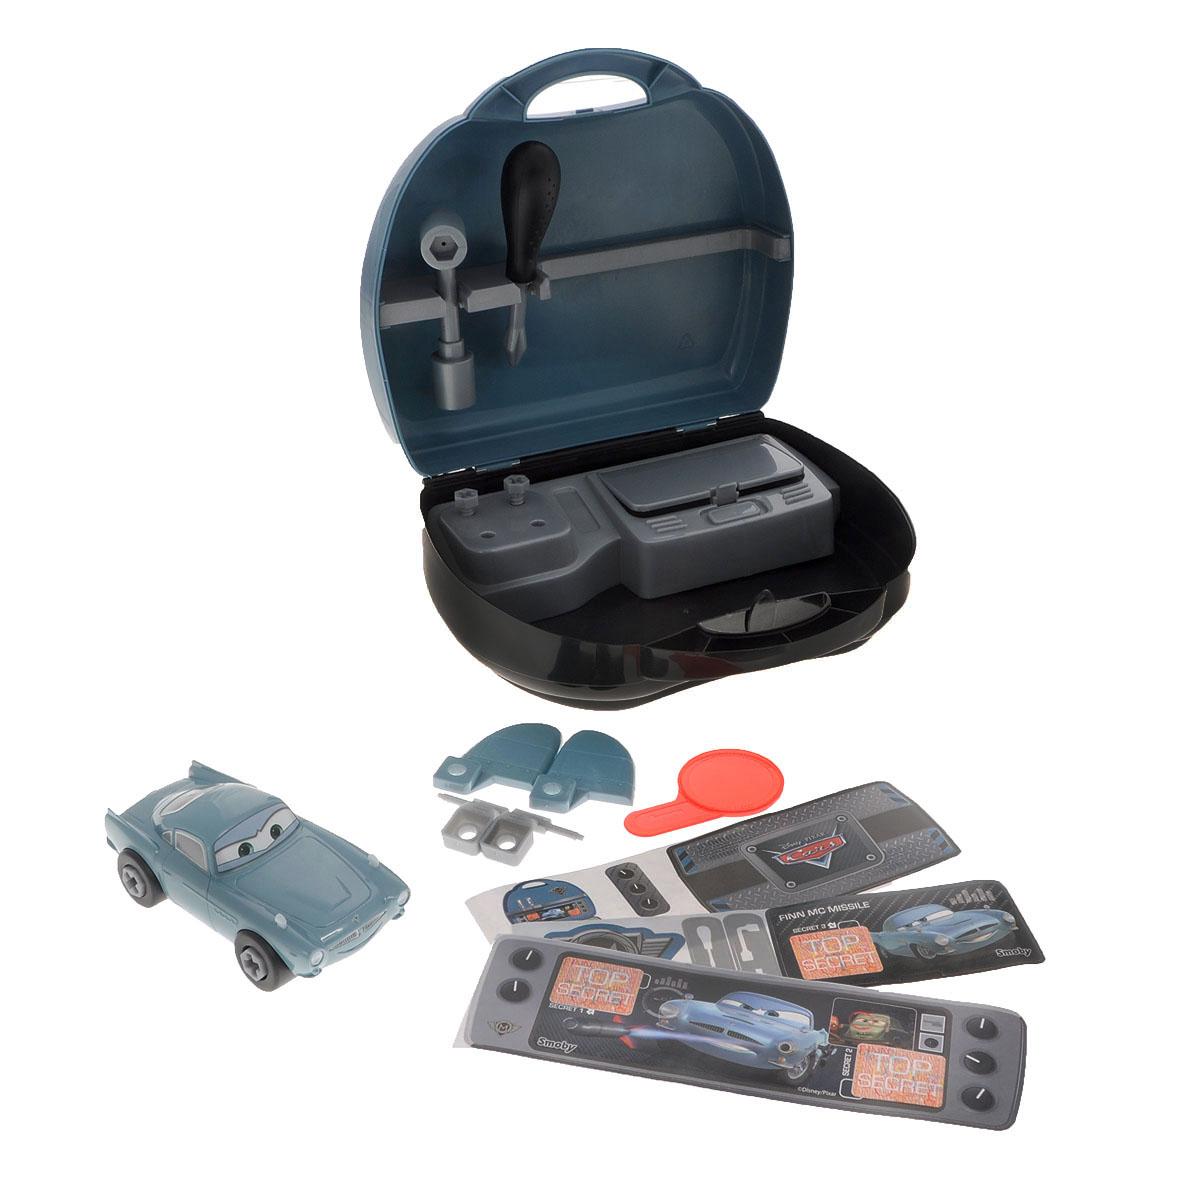 Игрушка-конструктор Smoby Тачки: Финн, в чемоданчике500166Игрушка-конструктор Smoby Тачки: Финн обязательно привлечет внимание вашего малыша. В комплект входят 3 листа с наклейками для оформления чемоданчика, машинка-конструктор, панель-контейнер, дополнительные элементы машинки: 2 крыла, 2 автомата, 2 болта, а также отвертка, баллонный ключ и лупа-проявитель. Направьте лупу на изображение на наклейках - и увидите скрытое изображение. При помощи пластиковой отвертки игрушку можно разбирать и собирать множество раз, как конструктор. Игрушка выполнена из прочного пластика ярких цветов. Все элементы конструктора имеют увеличенные размеры и малыш сможет легко собрать их самостоятельно. Колесики машинки вращаются. Все элементы конструктора упакованы в удобный чемоданчик, на внутренней стороне которого расположена пластиковая стойка для инструментов. С такой игрушкой ваш ребенок весело проведет время, играя на детской площадке или в песочнице. А процесс сборки игрушки-конструктора поможет малышу развить мелкую моторику...